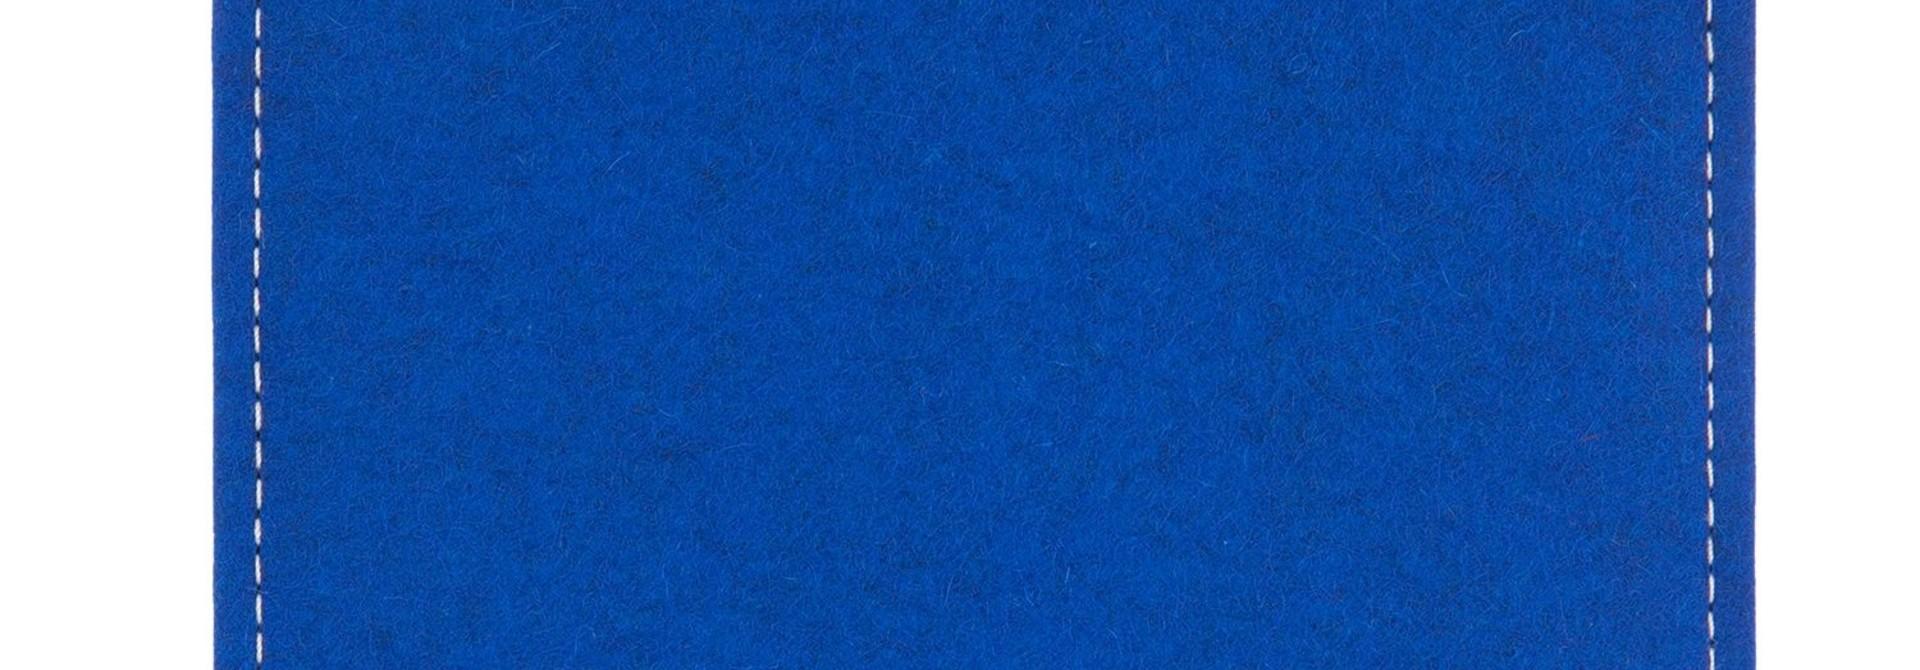 Page/Vision/Shine/Epos Sleeve Azure